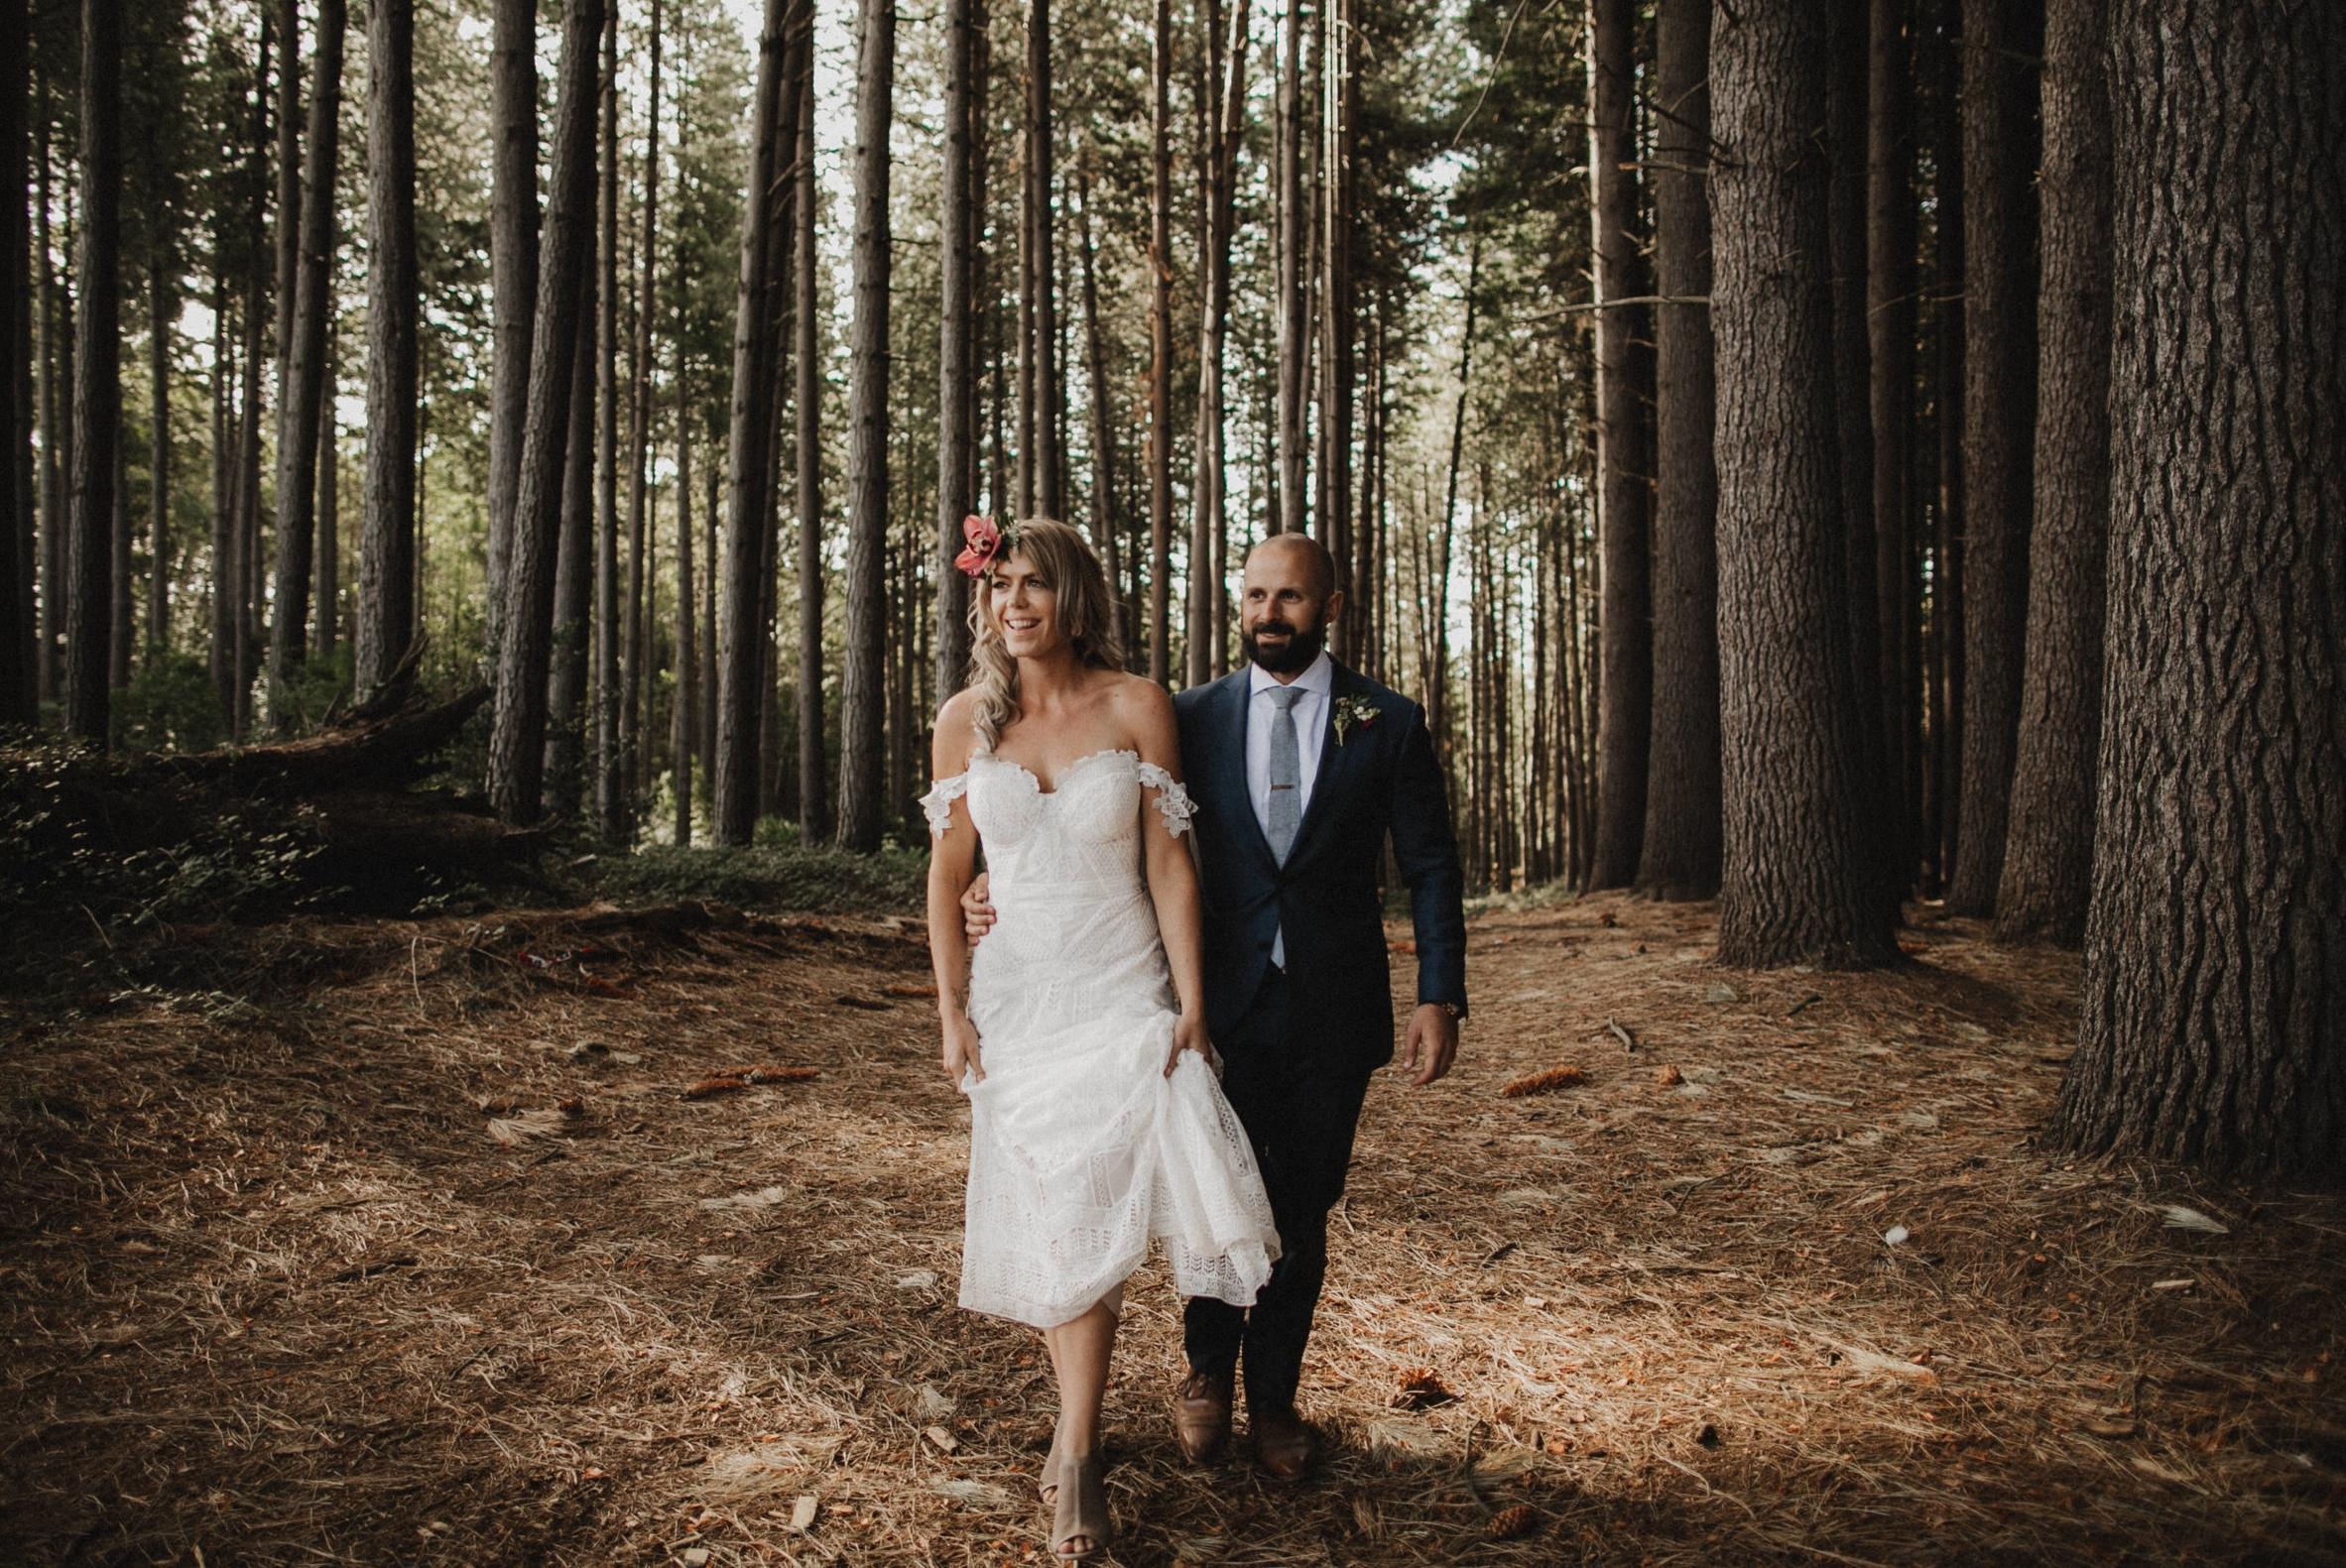 Lauren & Michael - Sugar Pine Walk, Tumbarumba